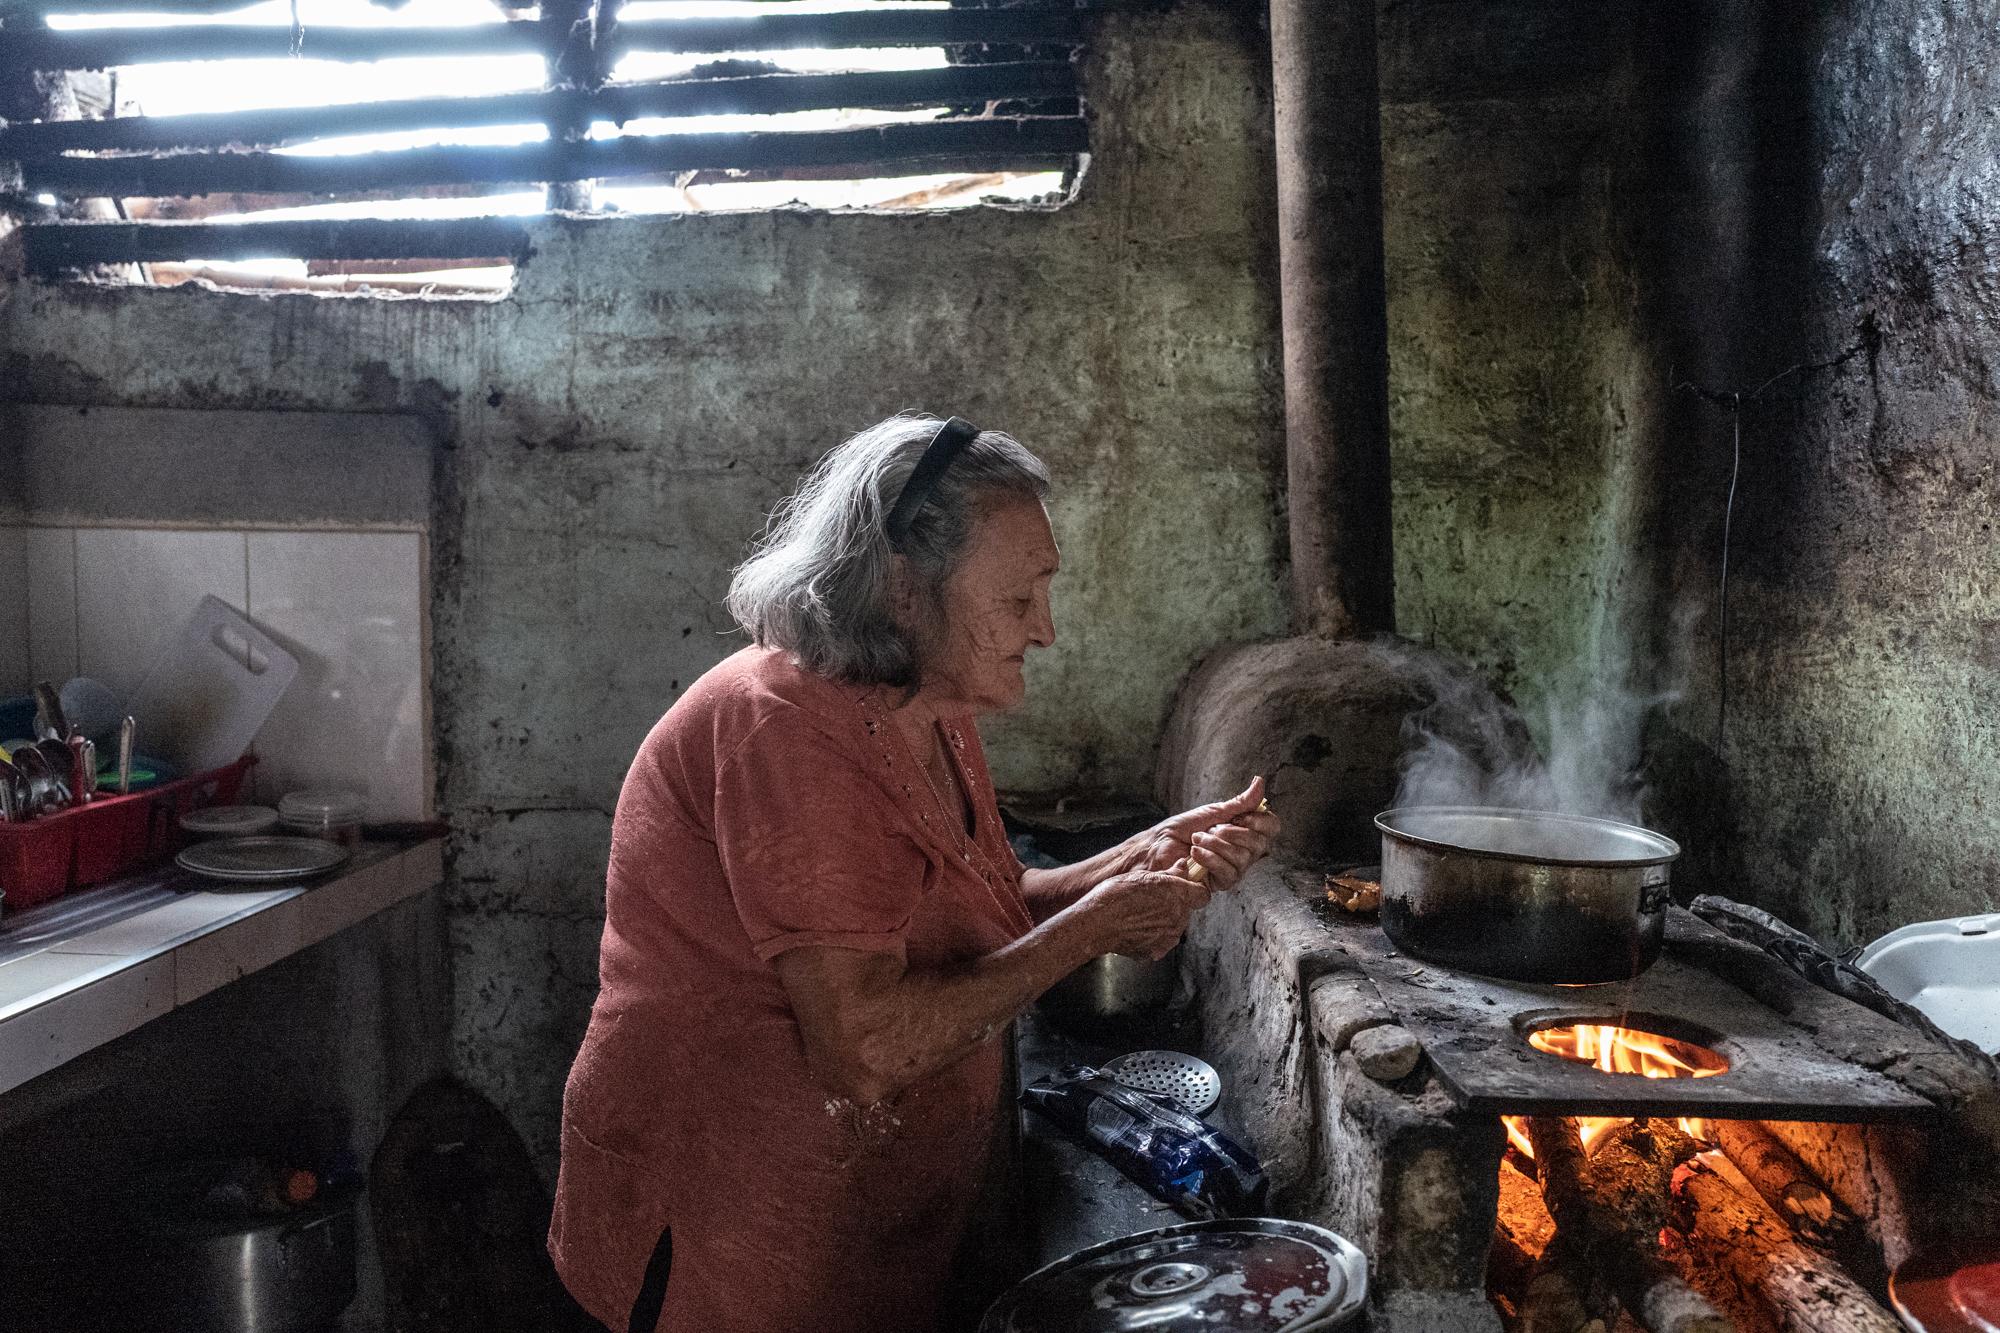 2018年7月30日,梅塞德斯Triviño在考卡山谷里考特的家中烹饪。